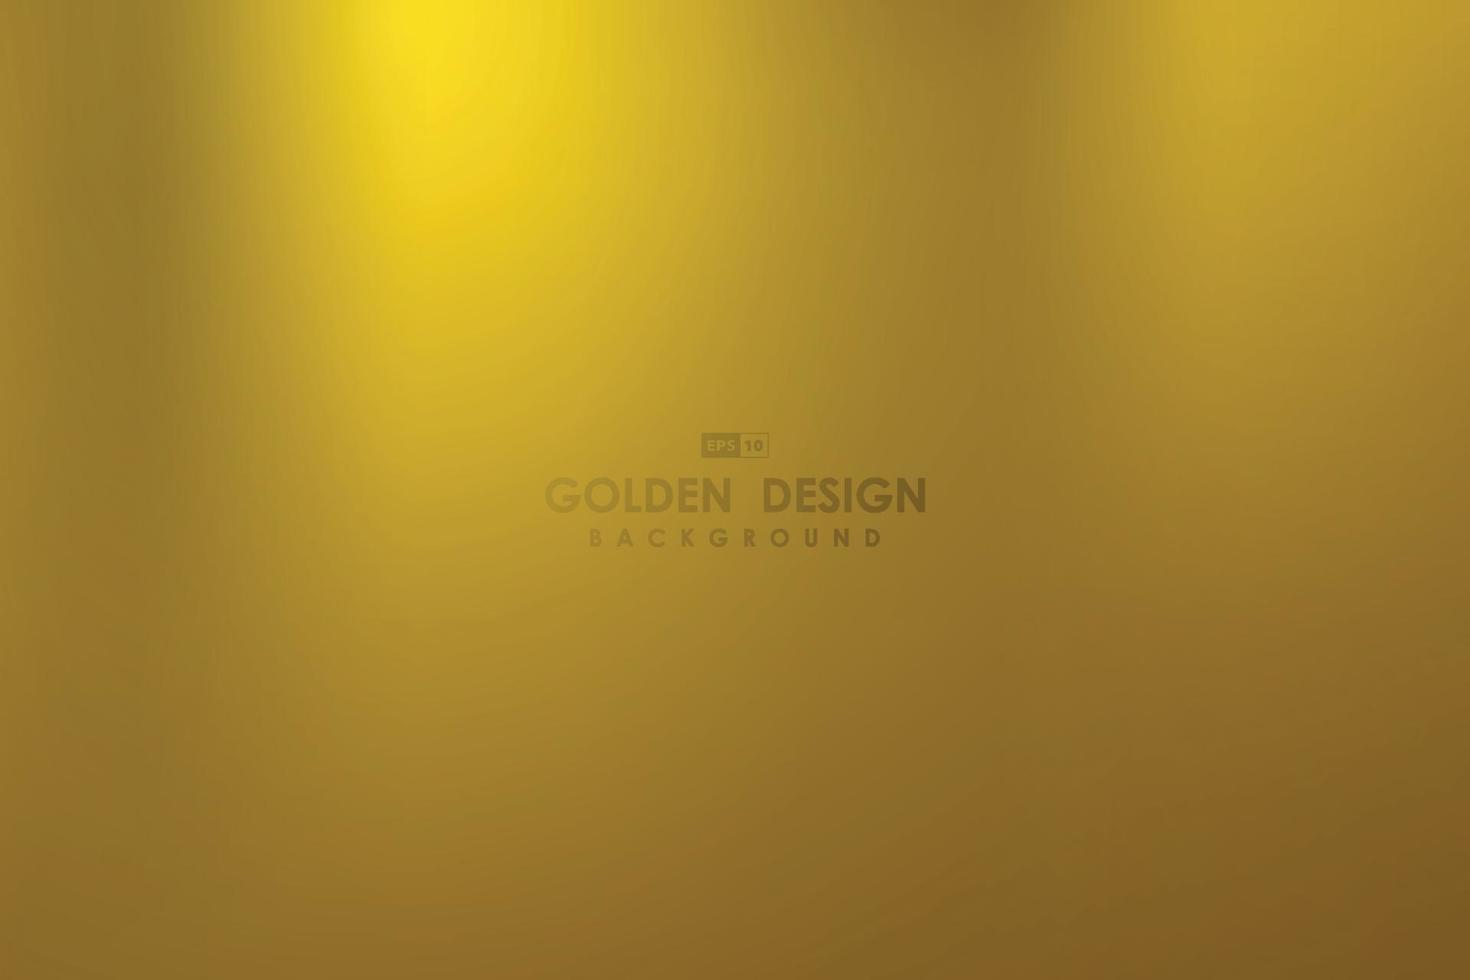 abstrakt realistisk gyllene mesh design bakgrund. illustration vektor eps10